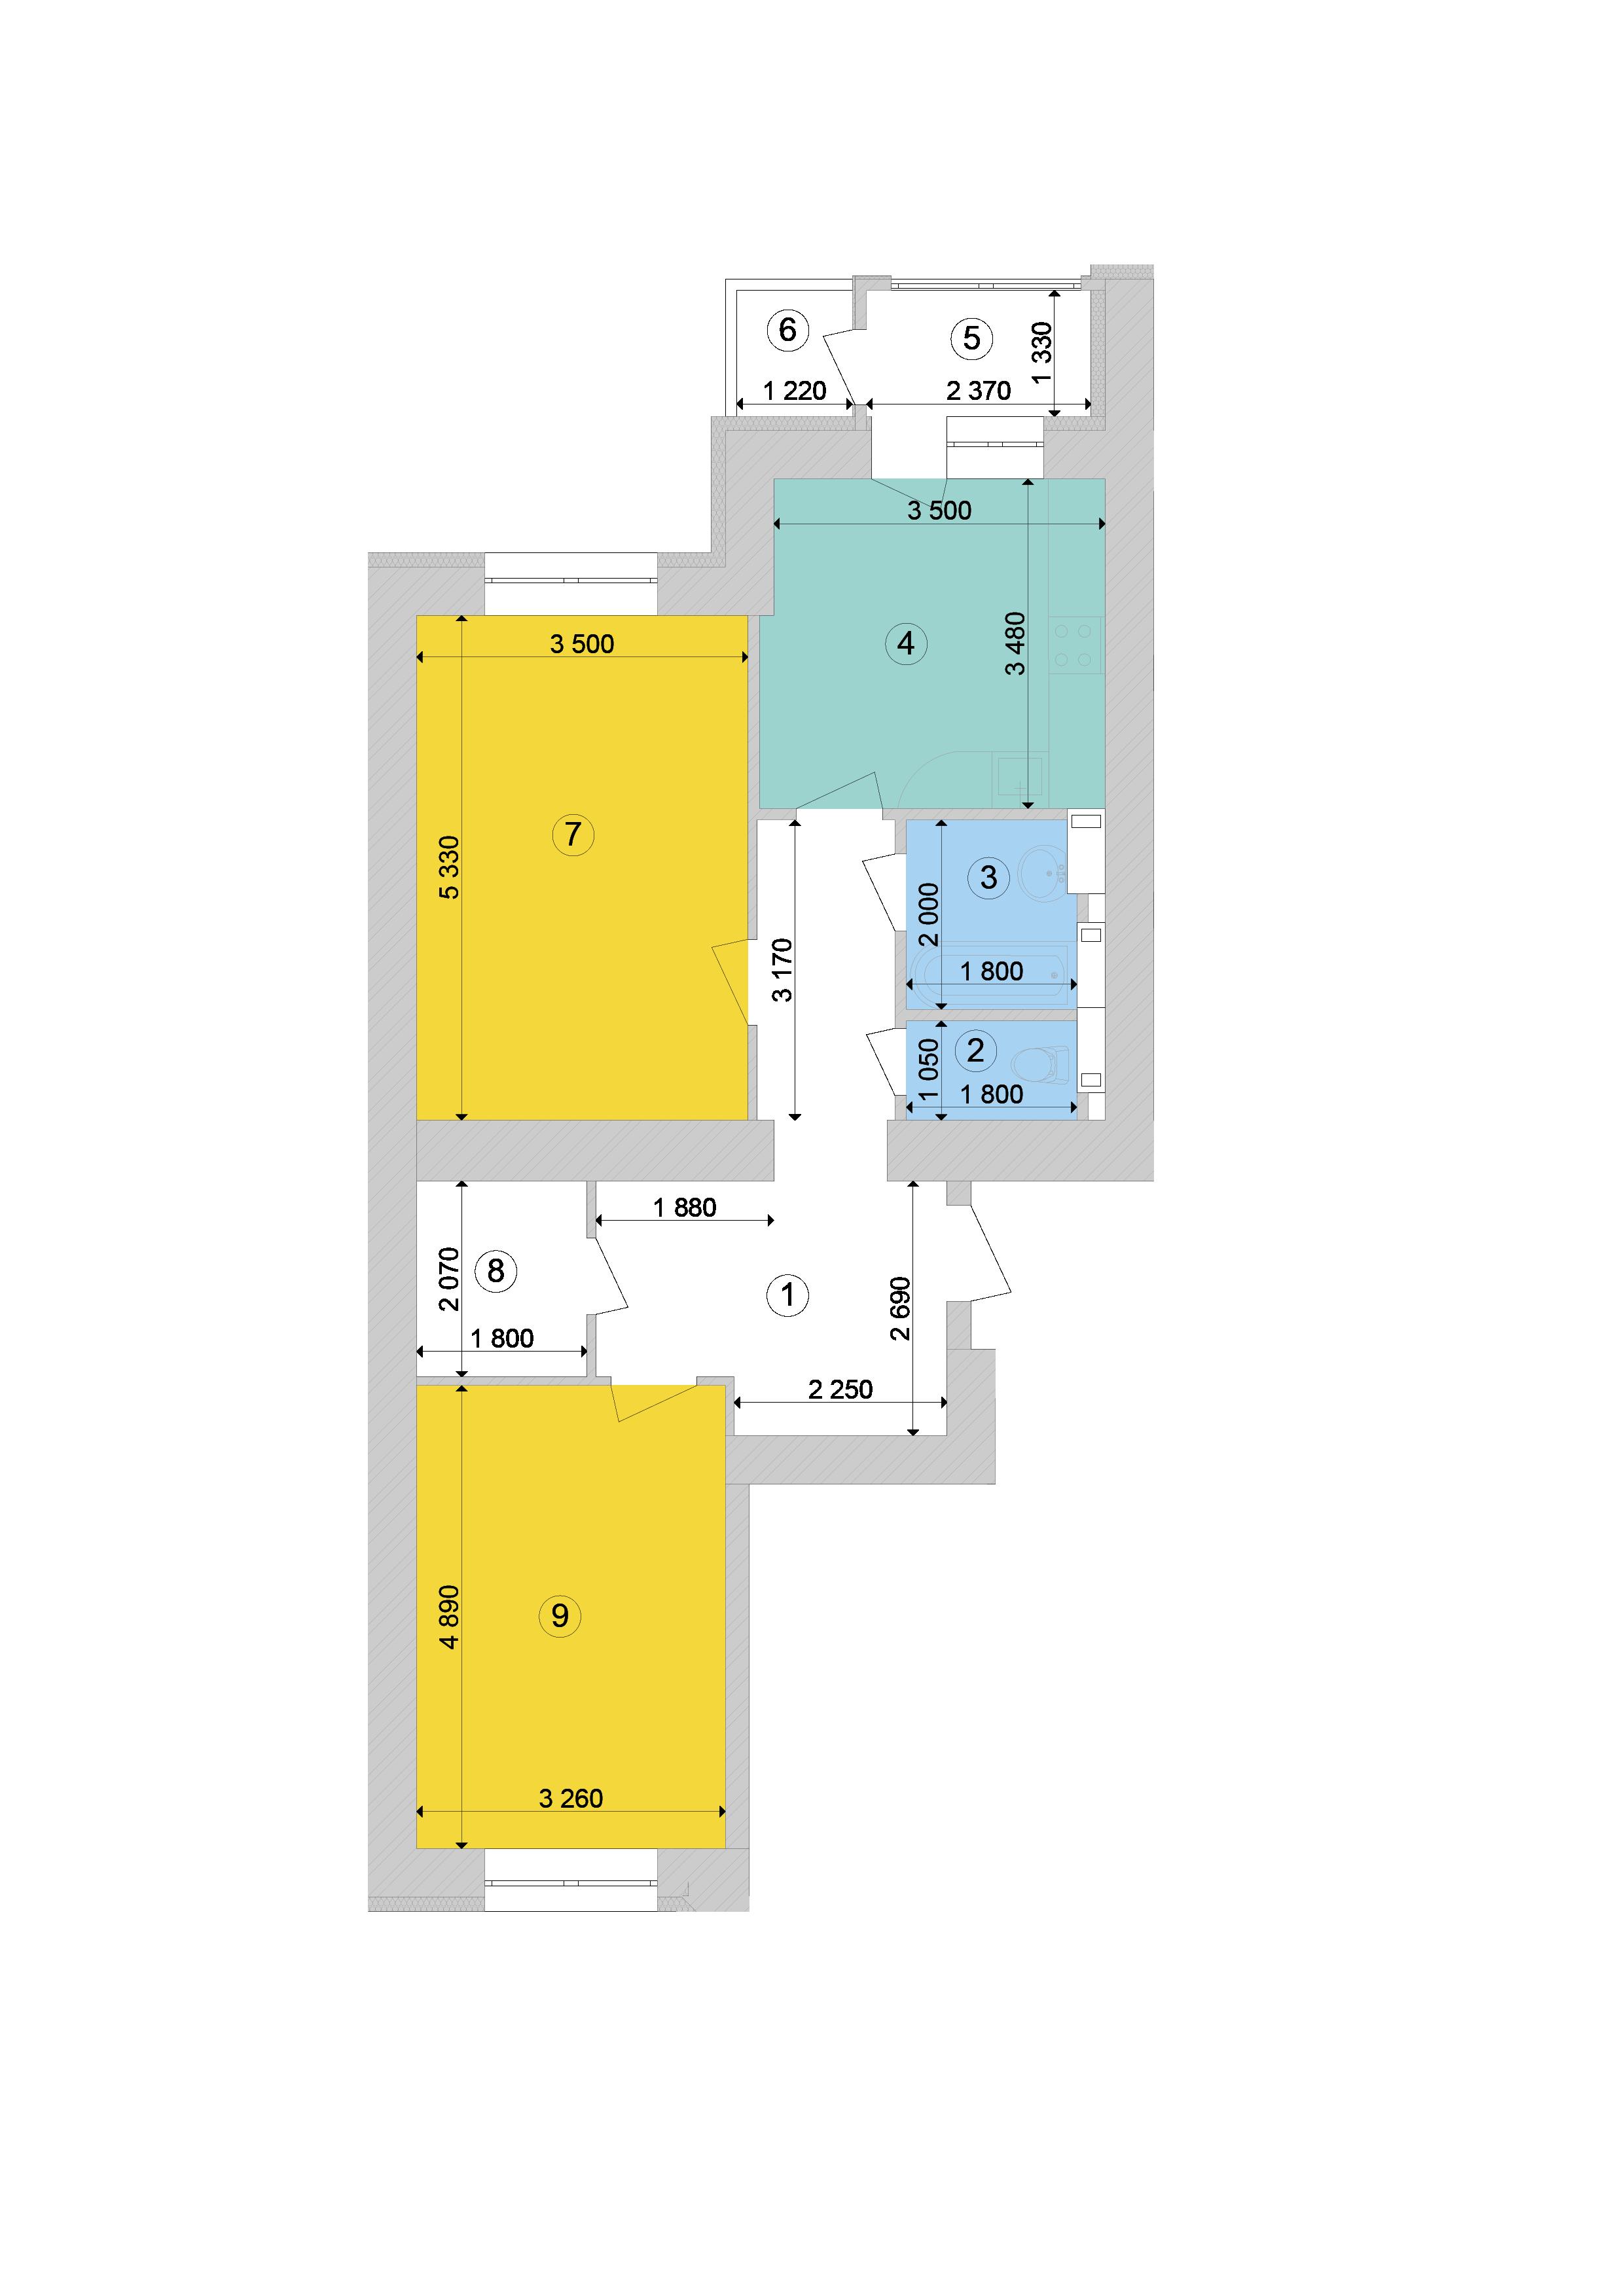 Купити Двокімнатна квартира 72,28 кв.м., тип 2.4, будинок 1, секція 8 в Києві Голосіївський район